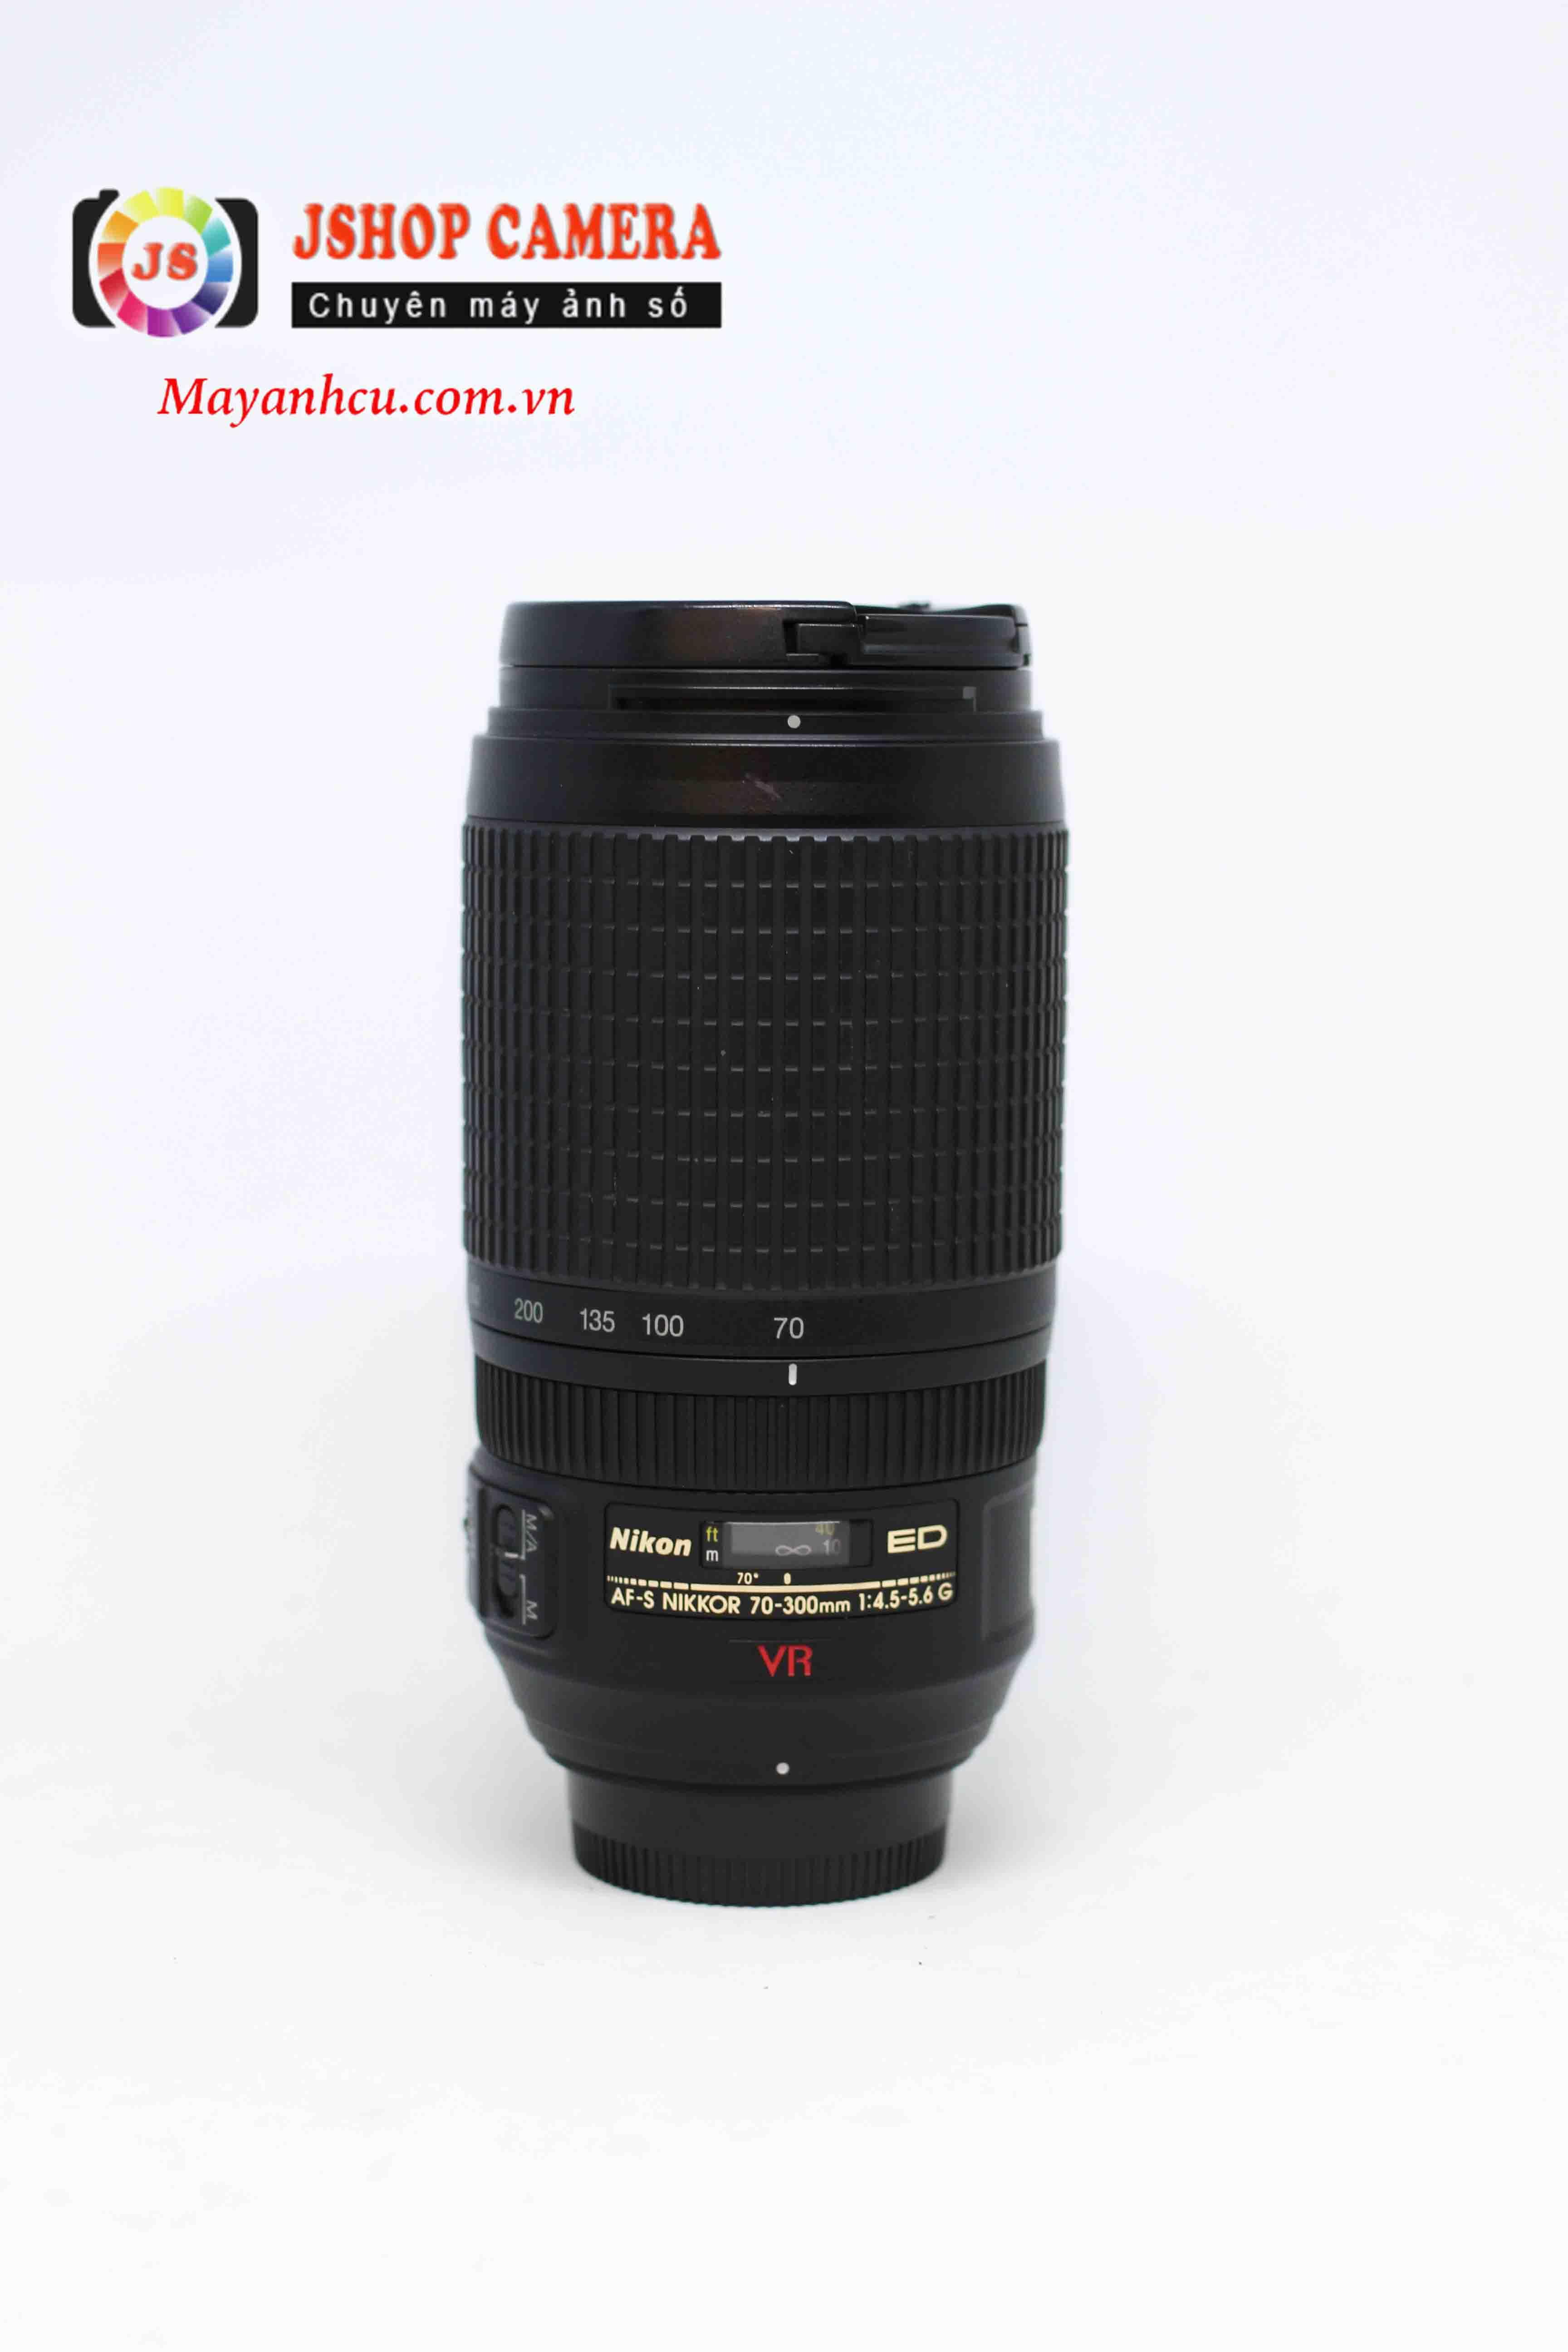 Ống kính NIKON 70-300mm F/4.5-5.6 ED VR